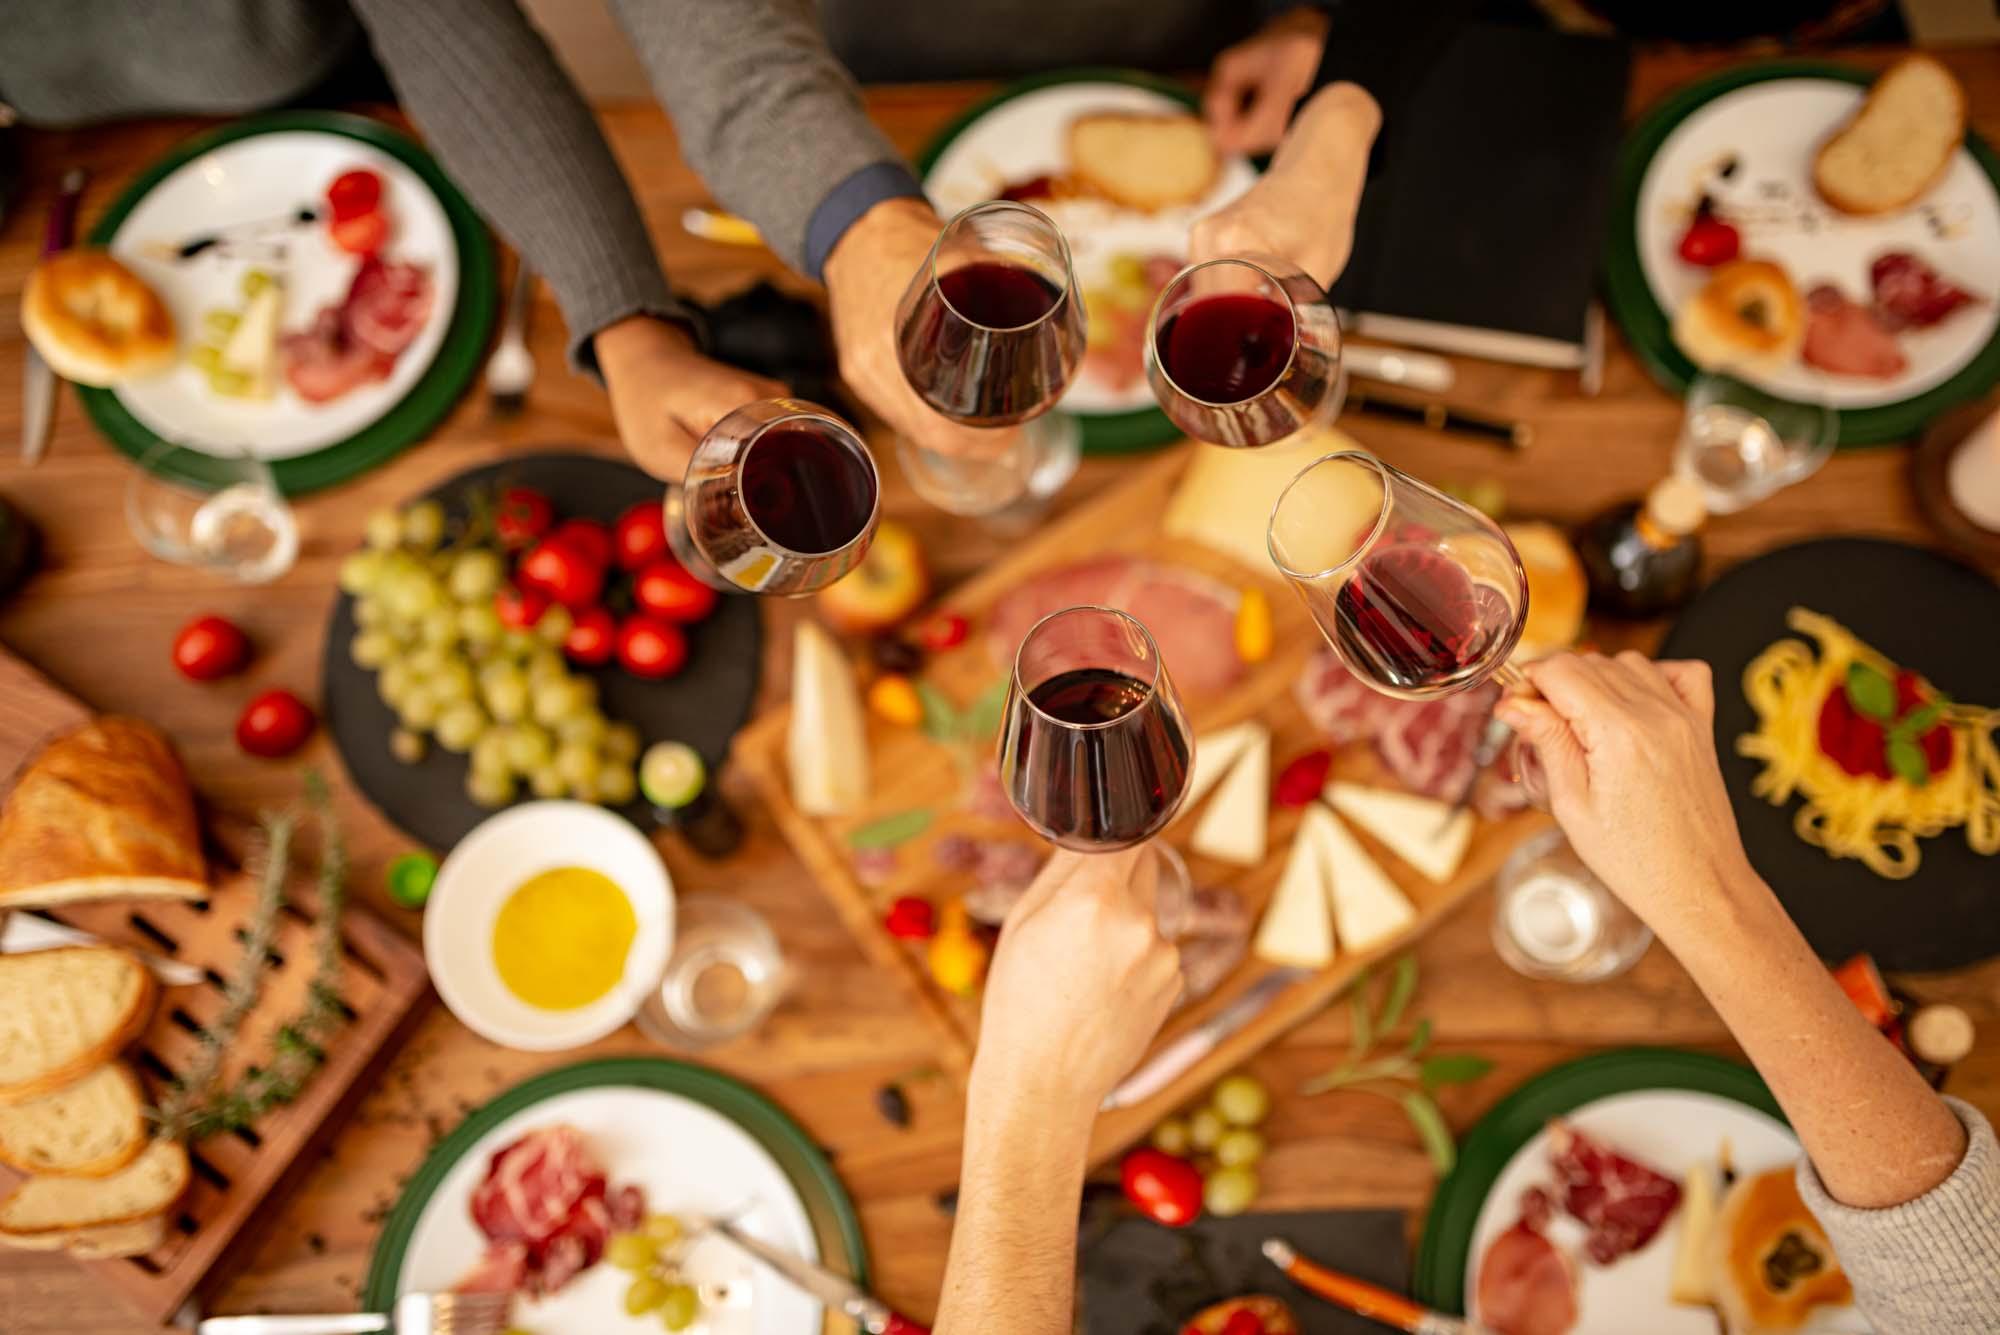 Cucina Amatoriale Formazione Manageriale a Napoli